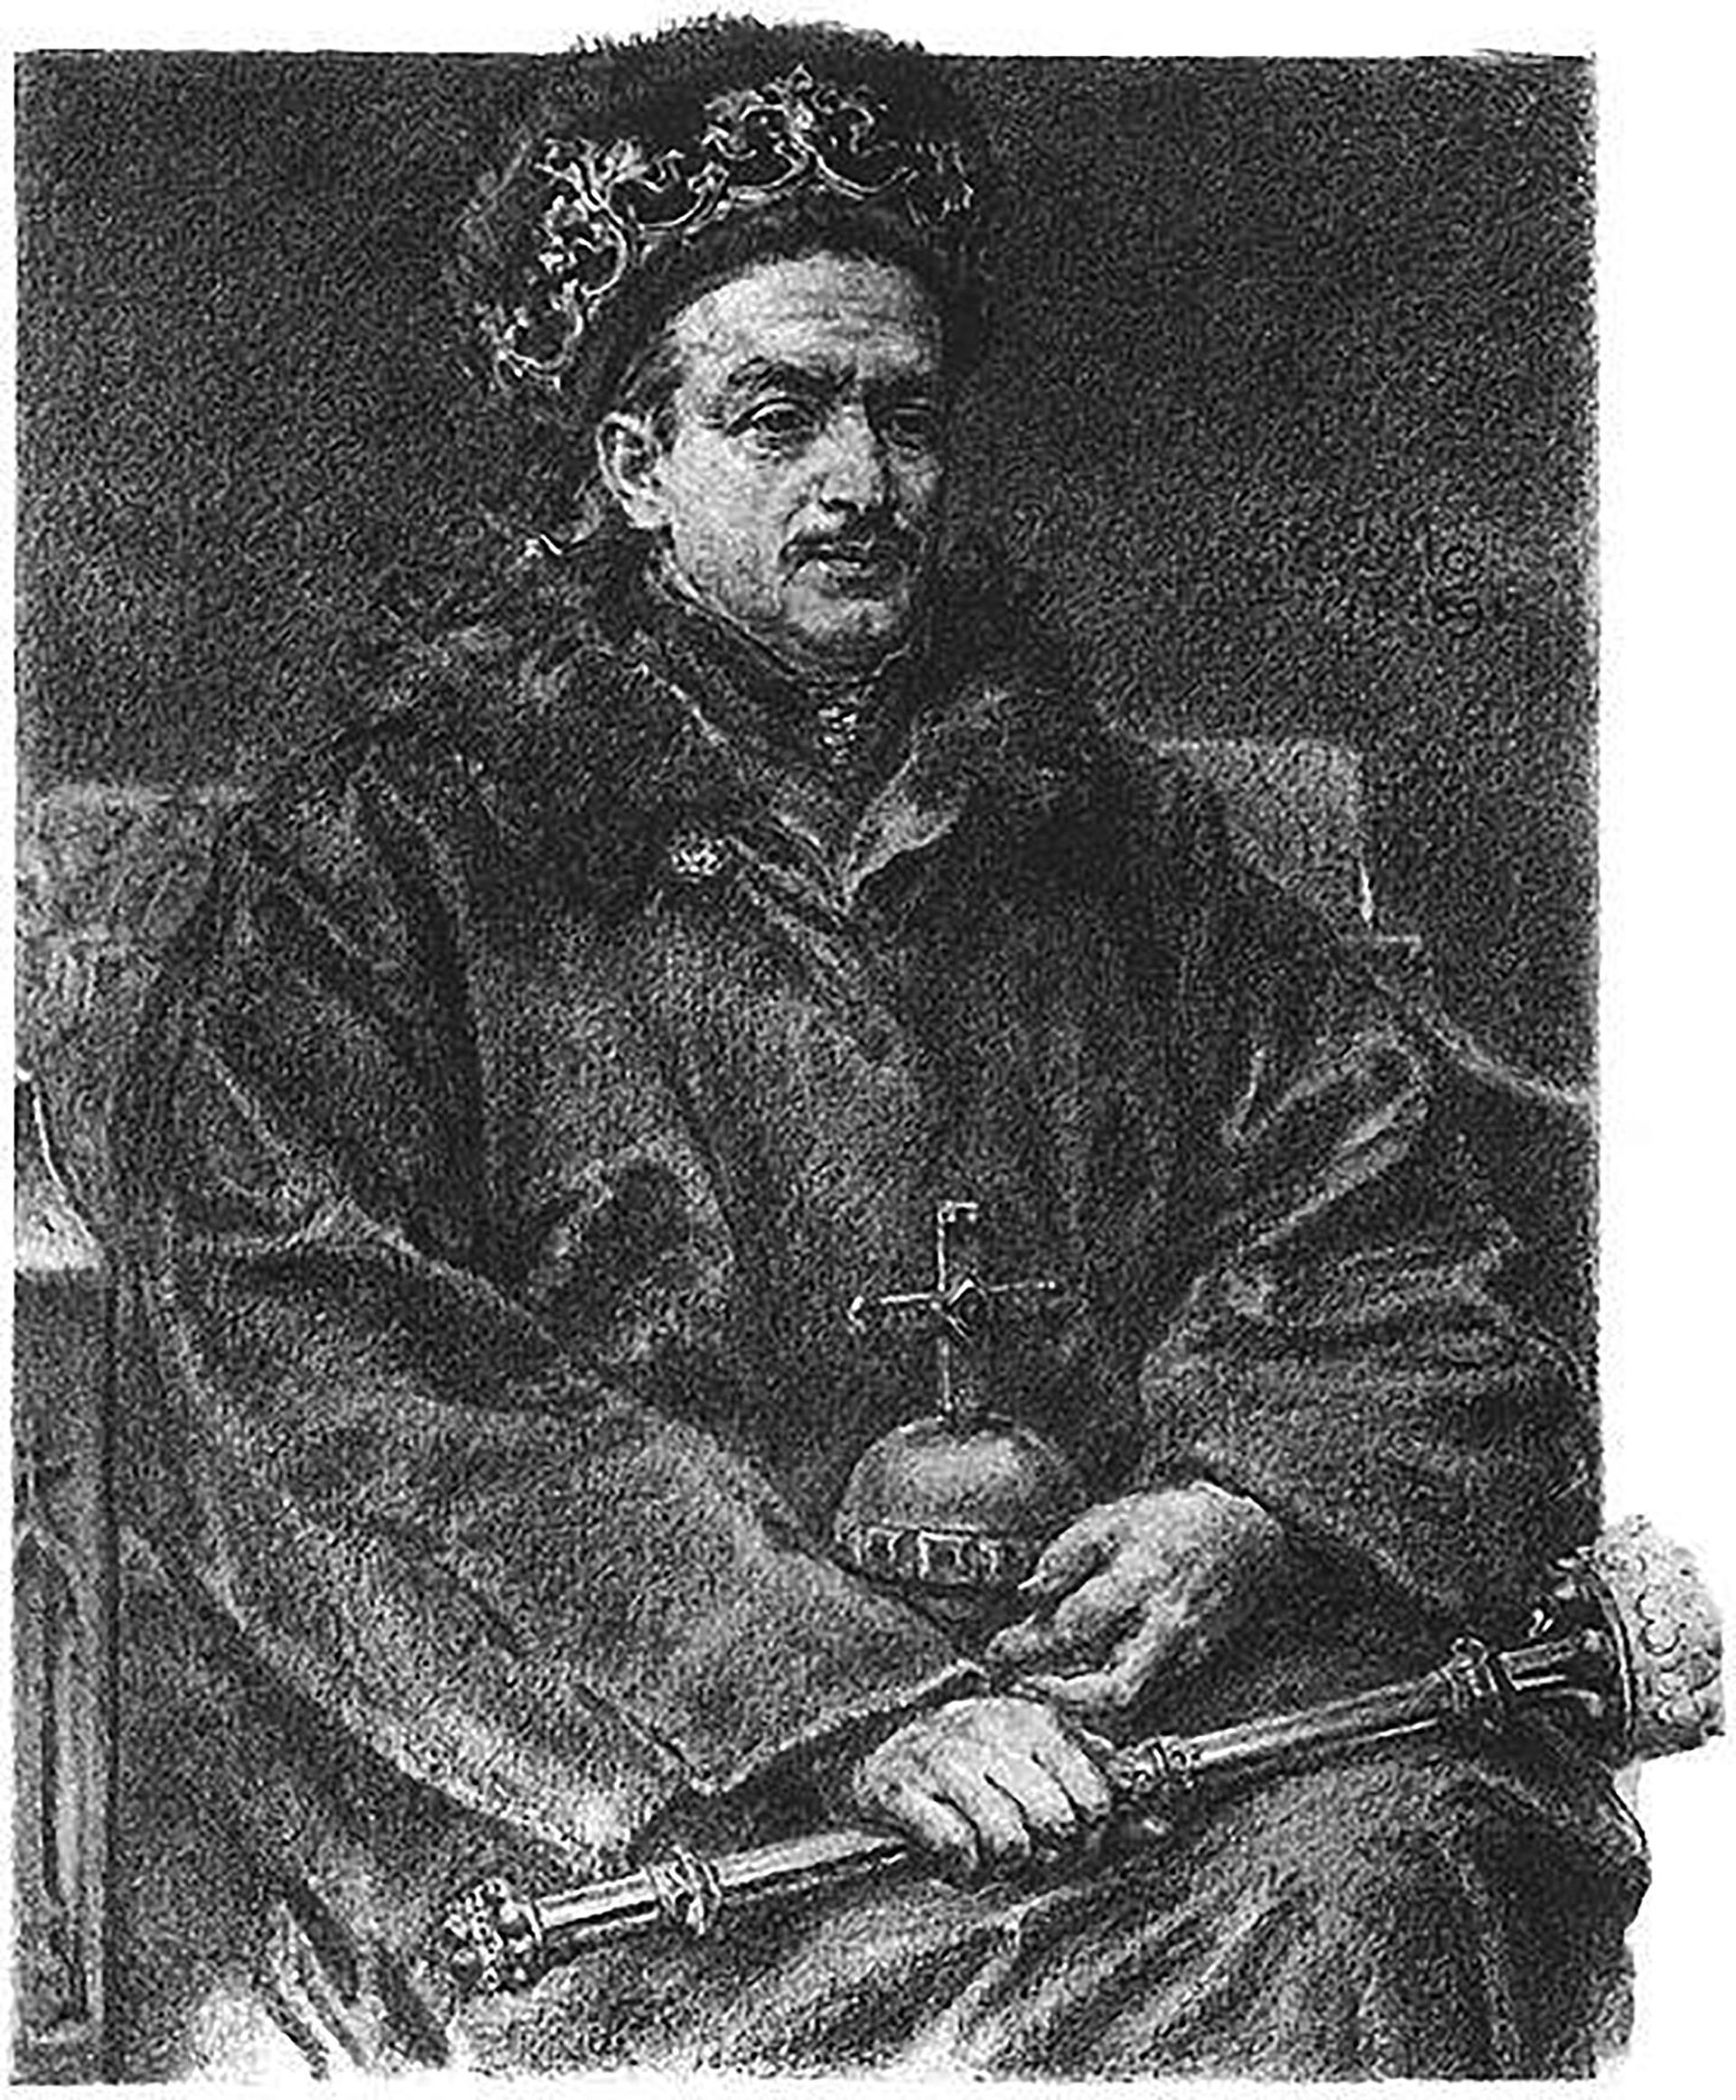 カジミェシュ4世